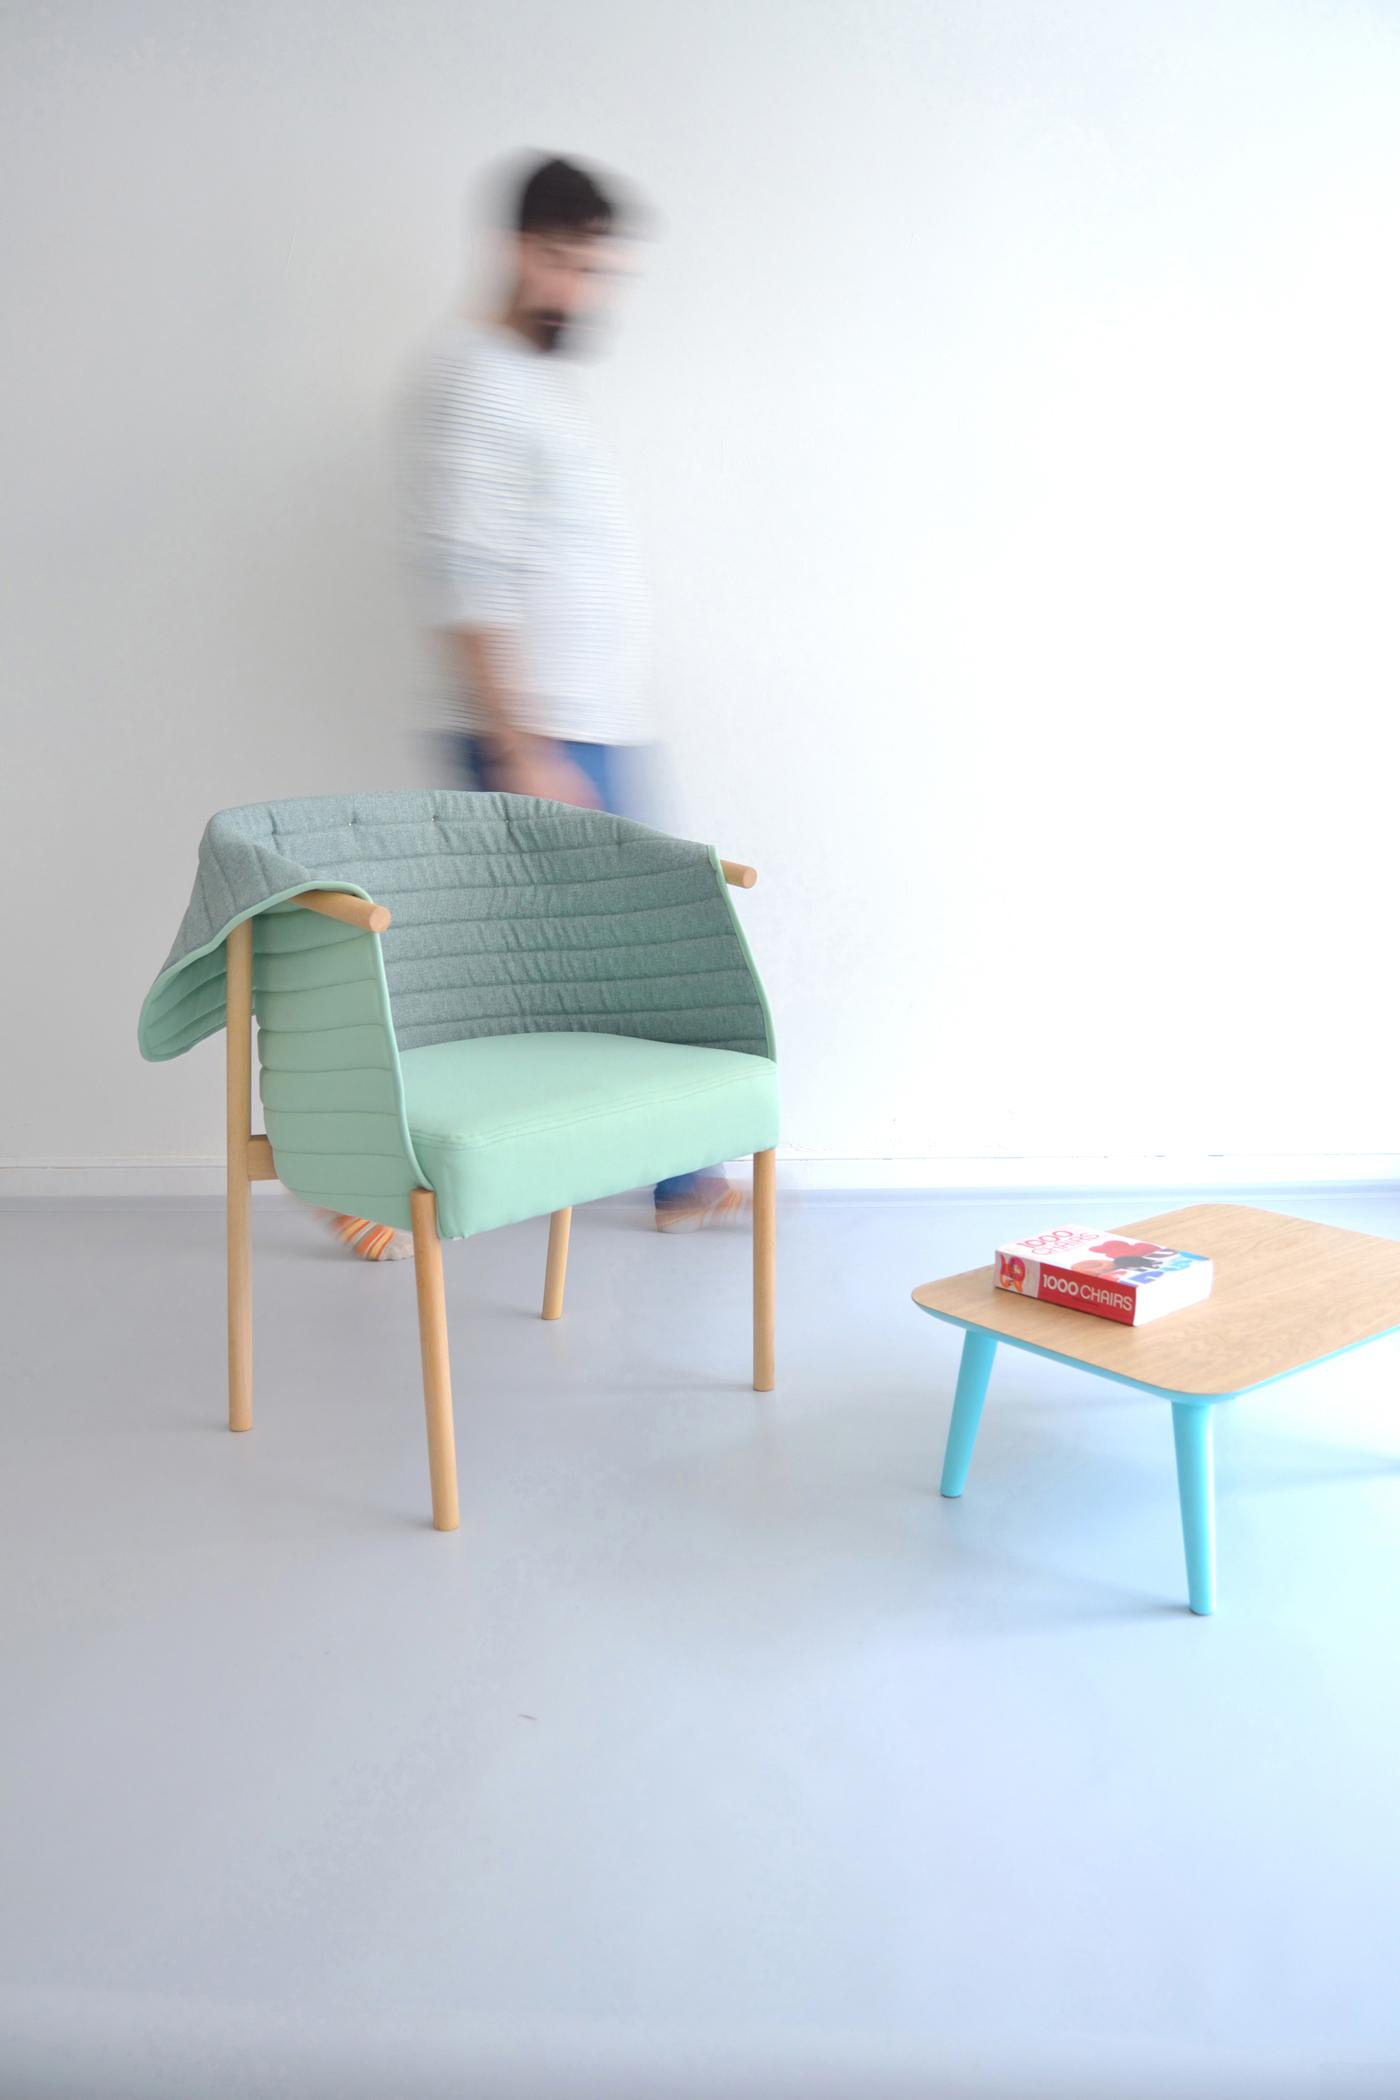 Reves chair silla rev s on behance for Studio design sillas